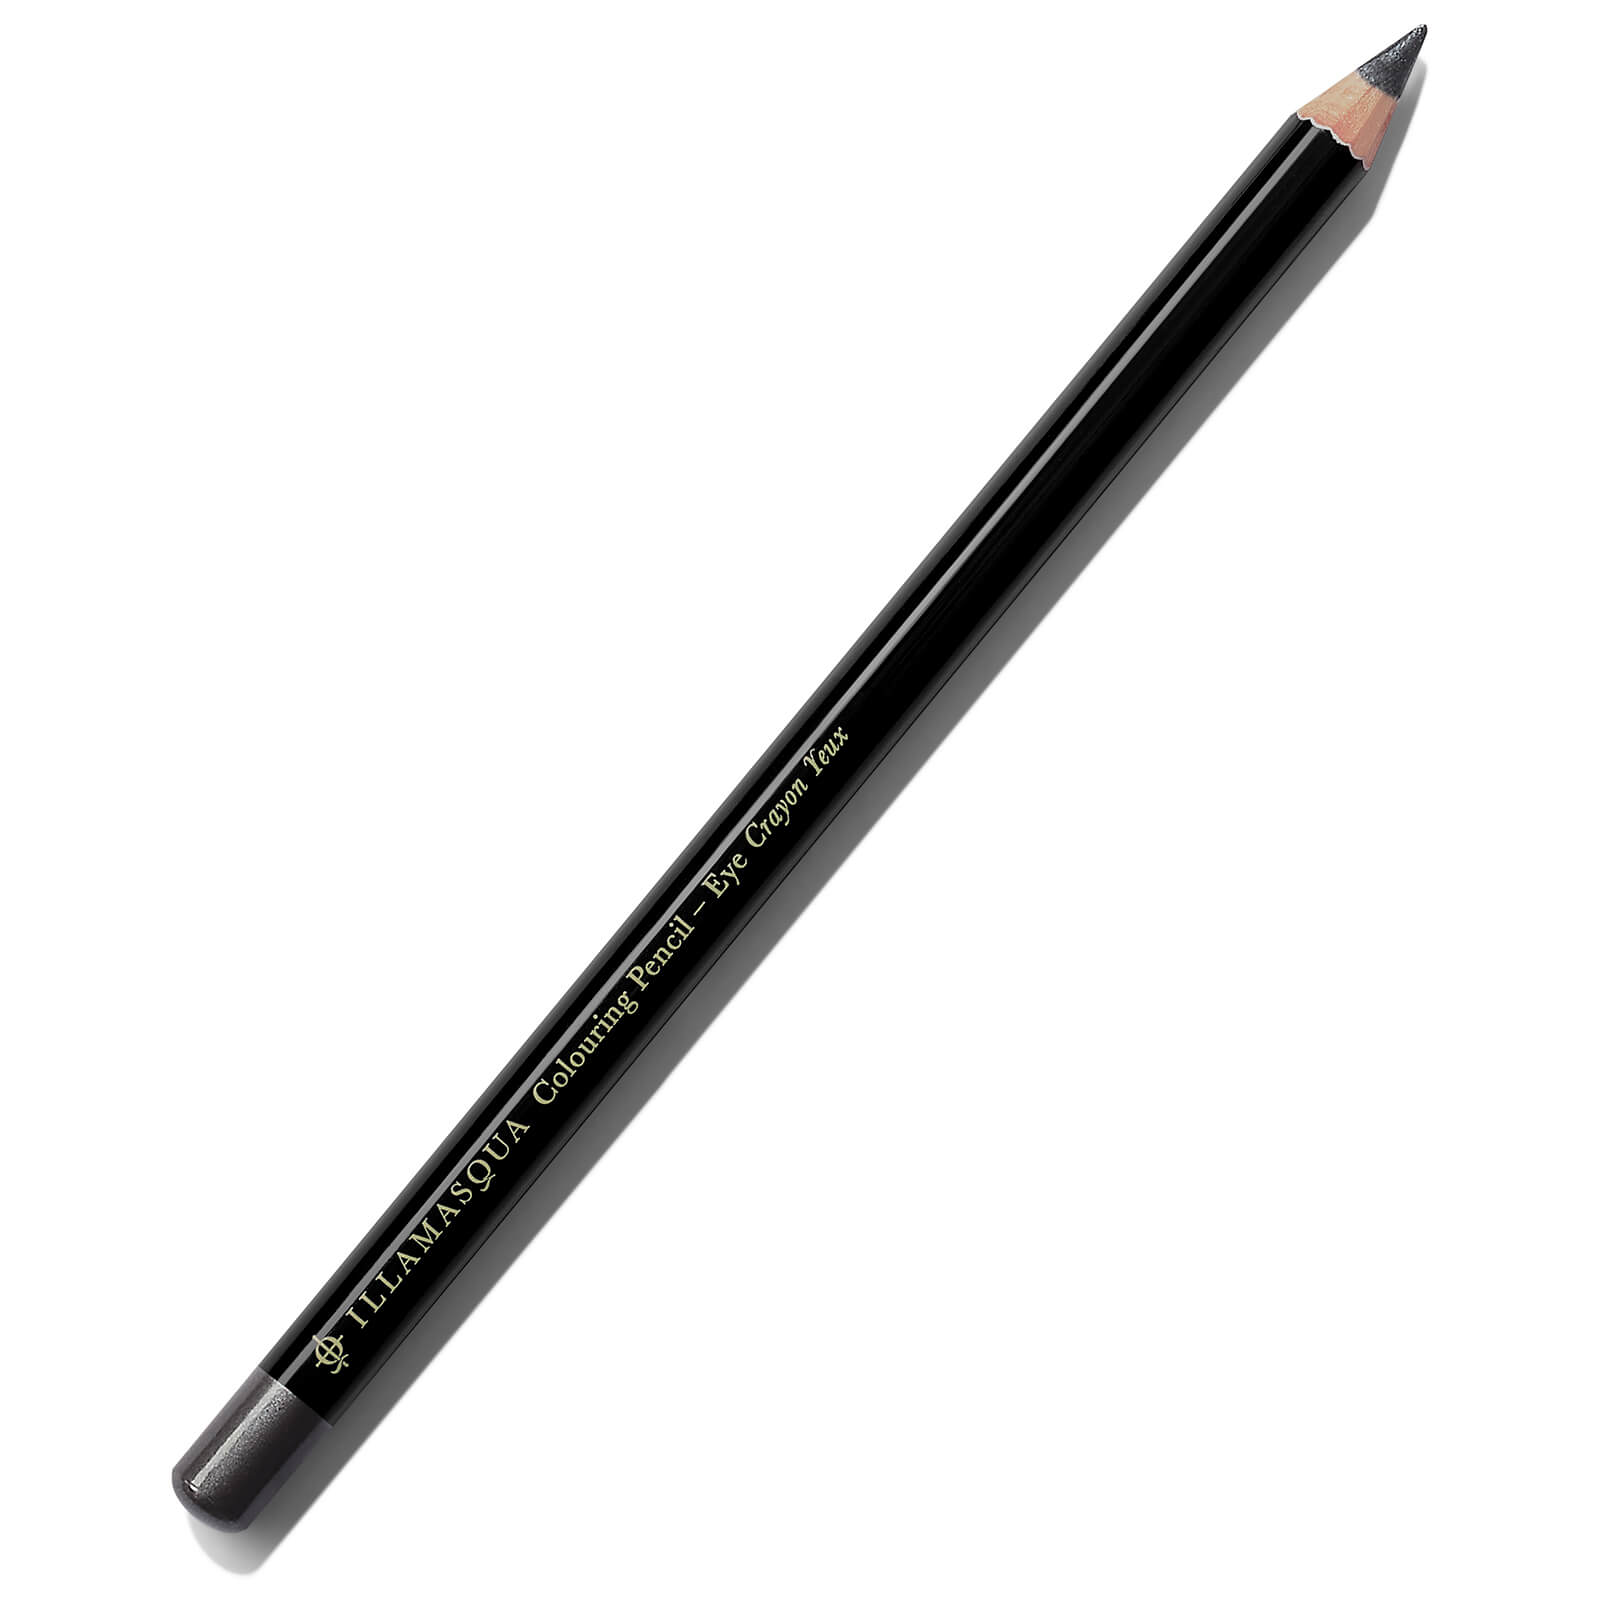 Купить Карандаш для глаз Illamasqua Colouring Eye Pencil 1, 4 г (различные оттенки) - Constellation